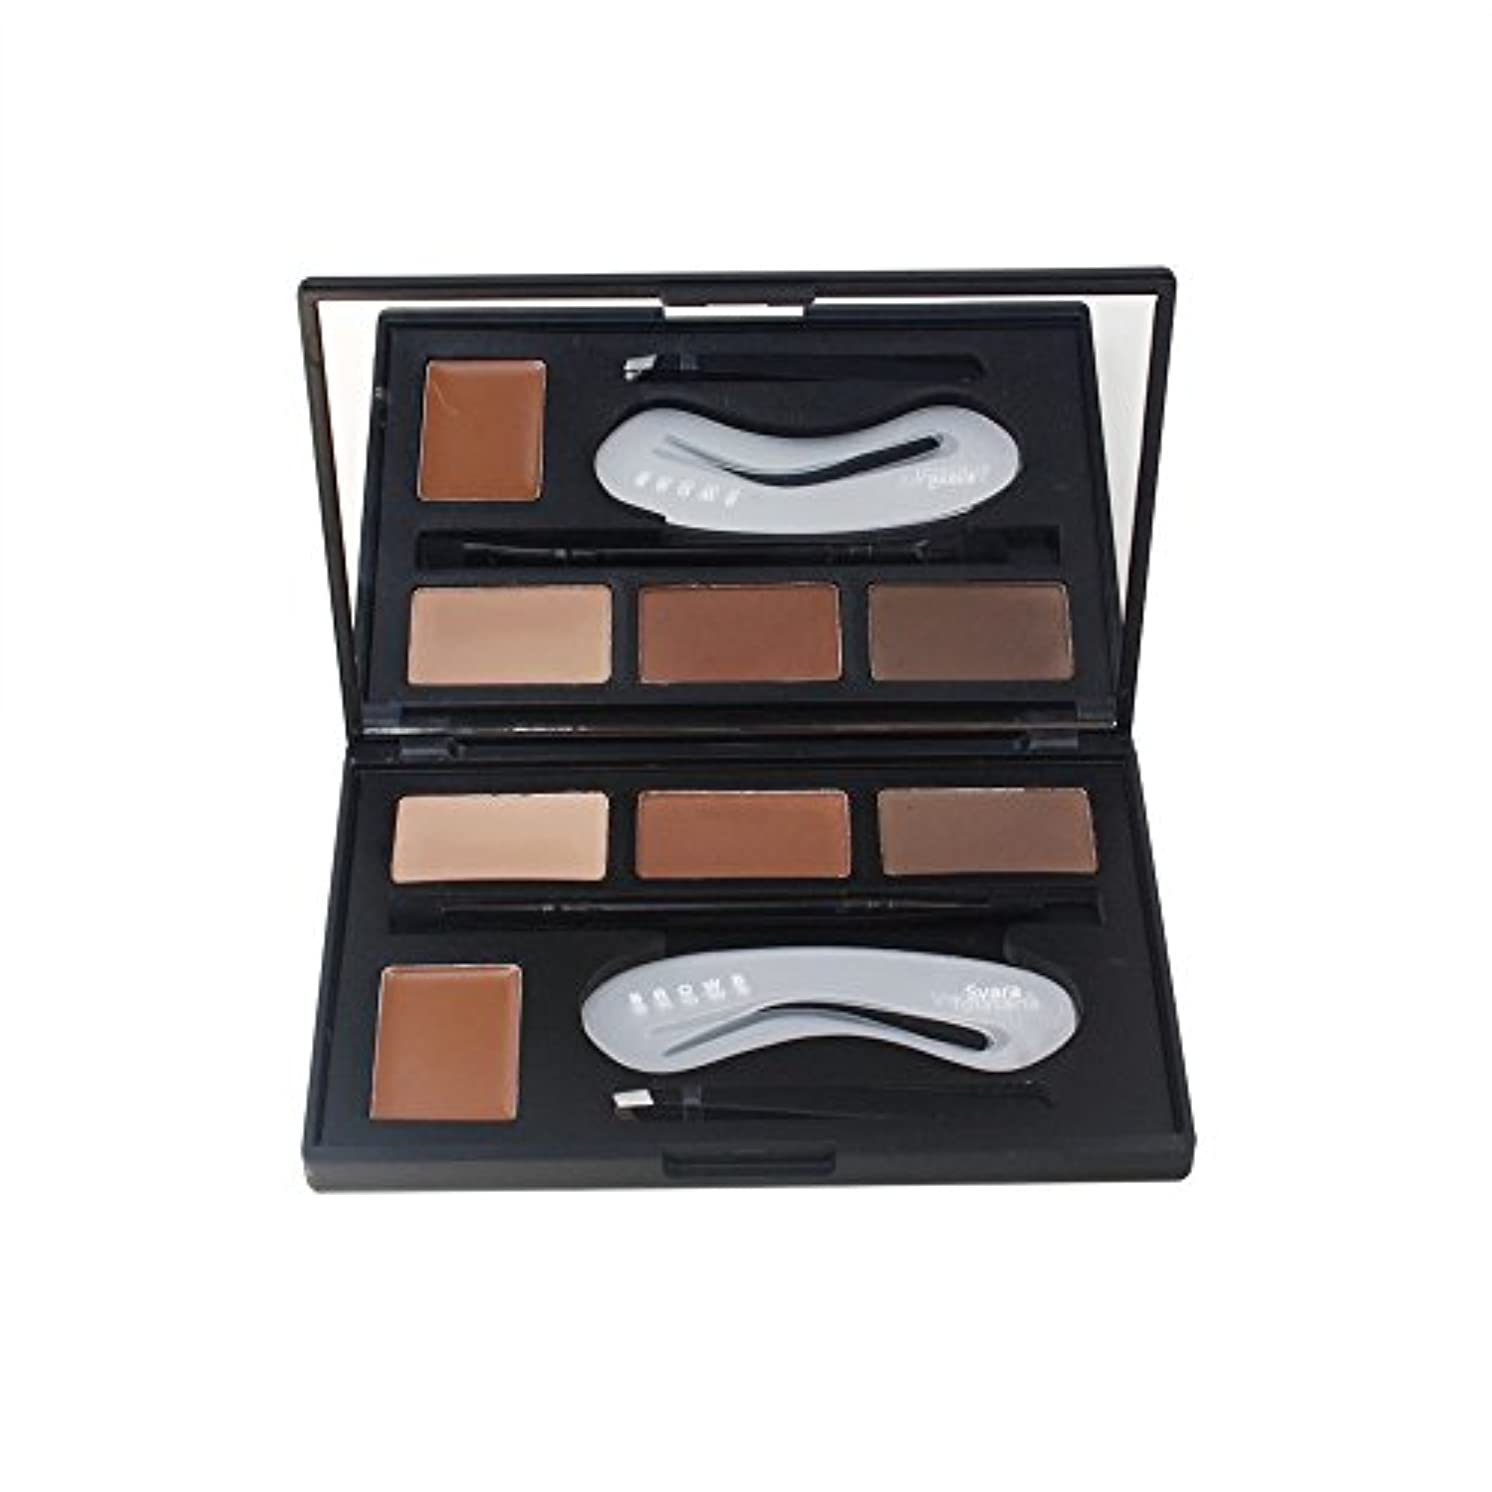 リラックスインレイカウンターパート4色のアイシャドウの眉毛の粉はパレット女性の美セットを構成します